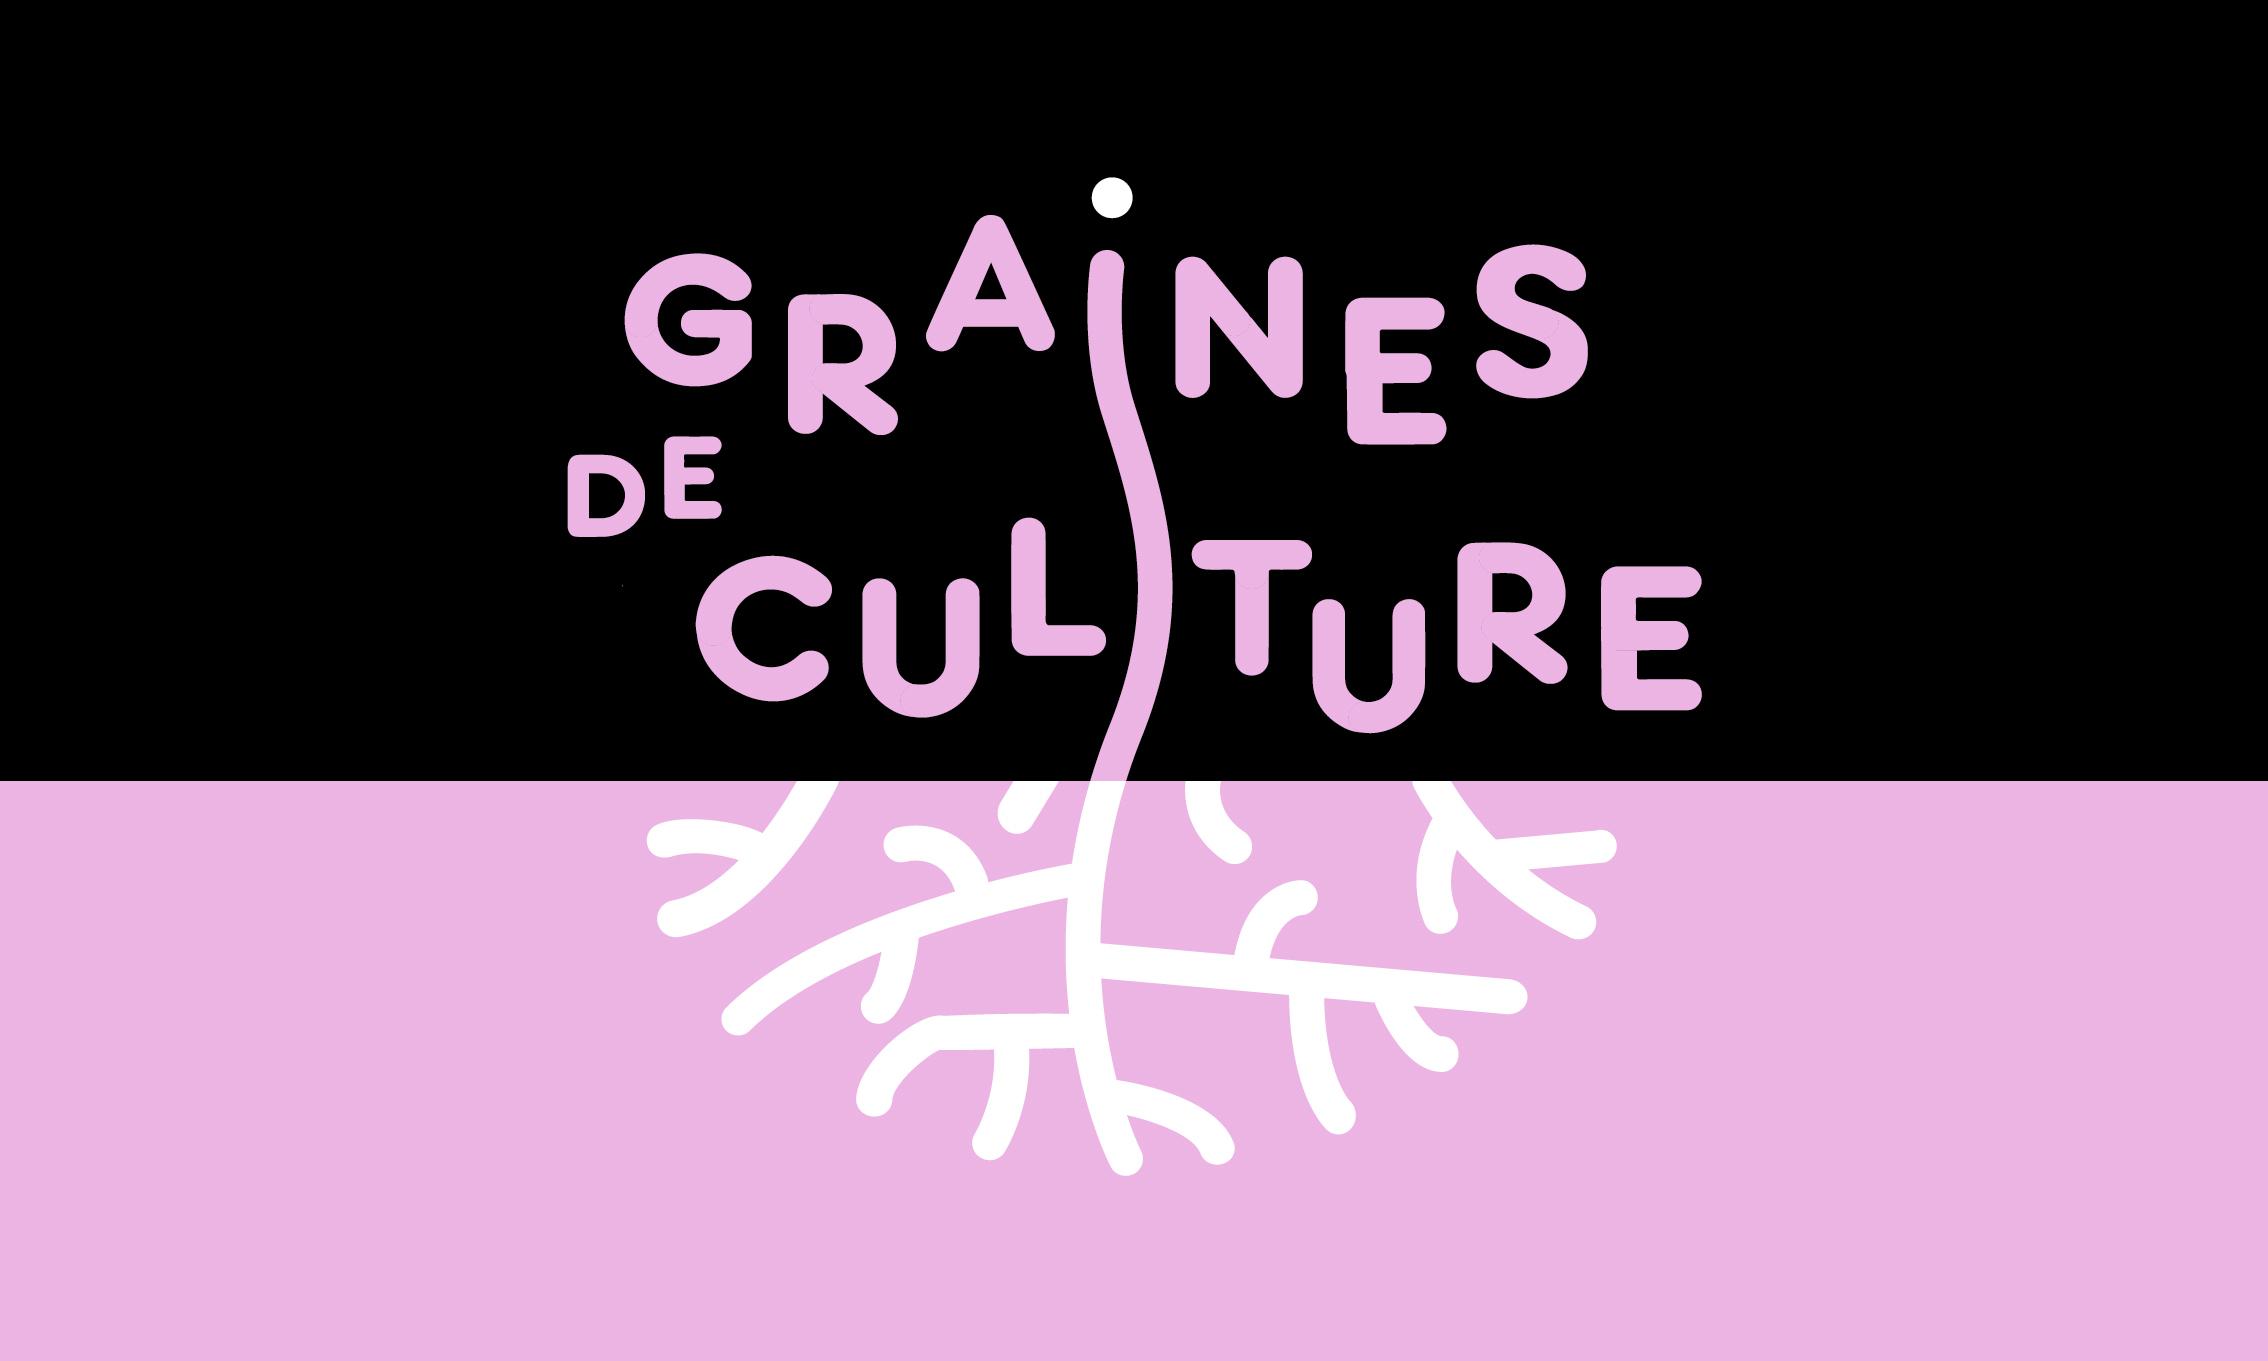 Les graines de culture - Scandale!